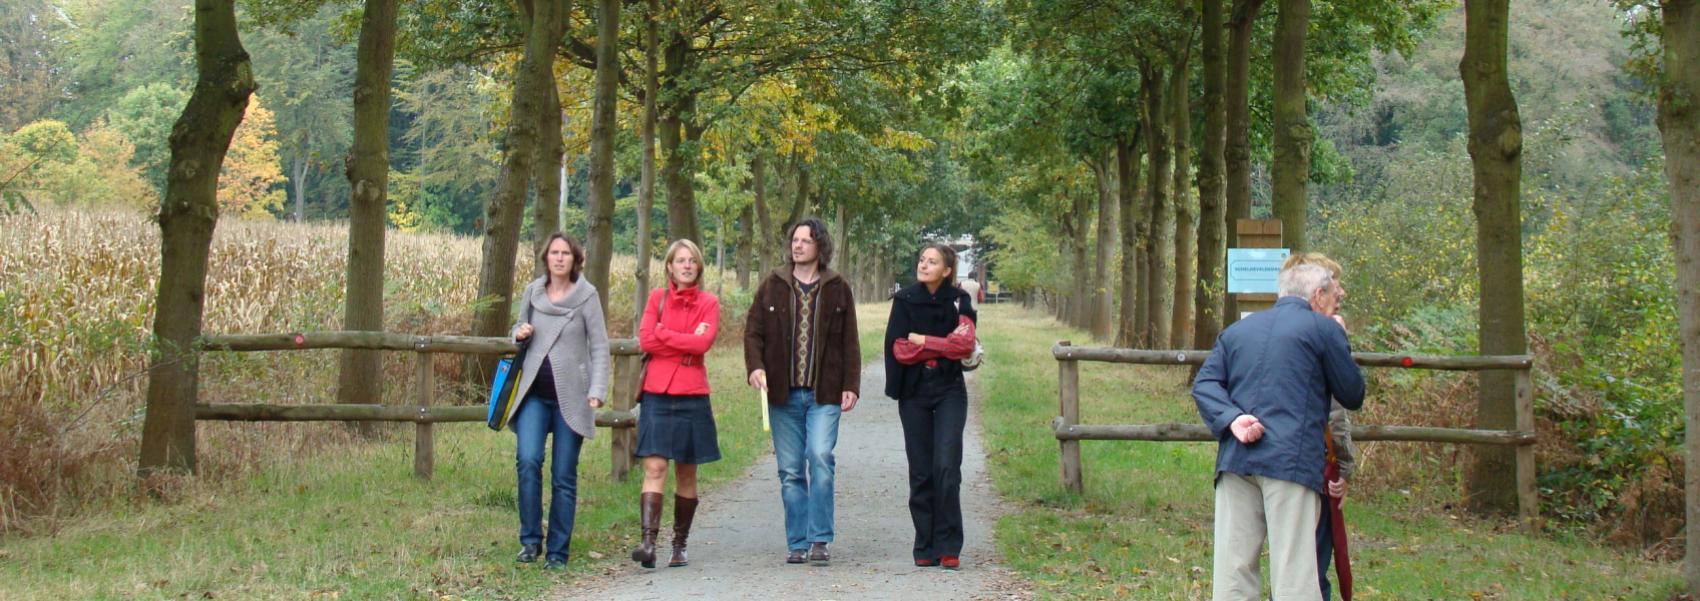 Wandelaars Parkbos